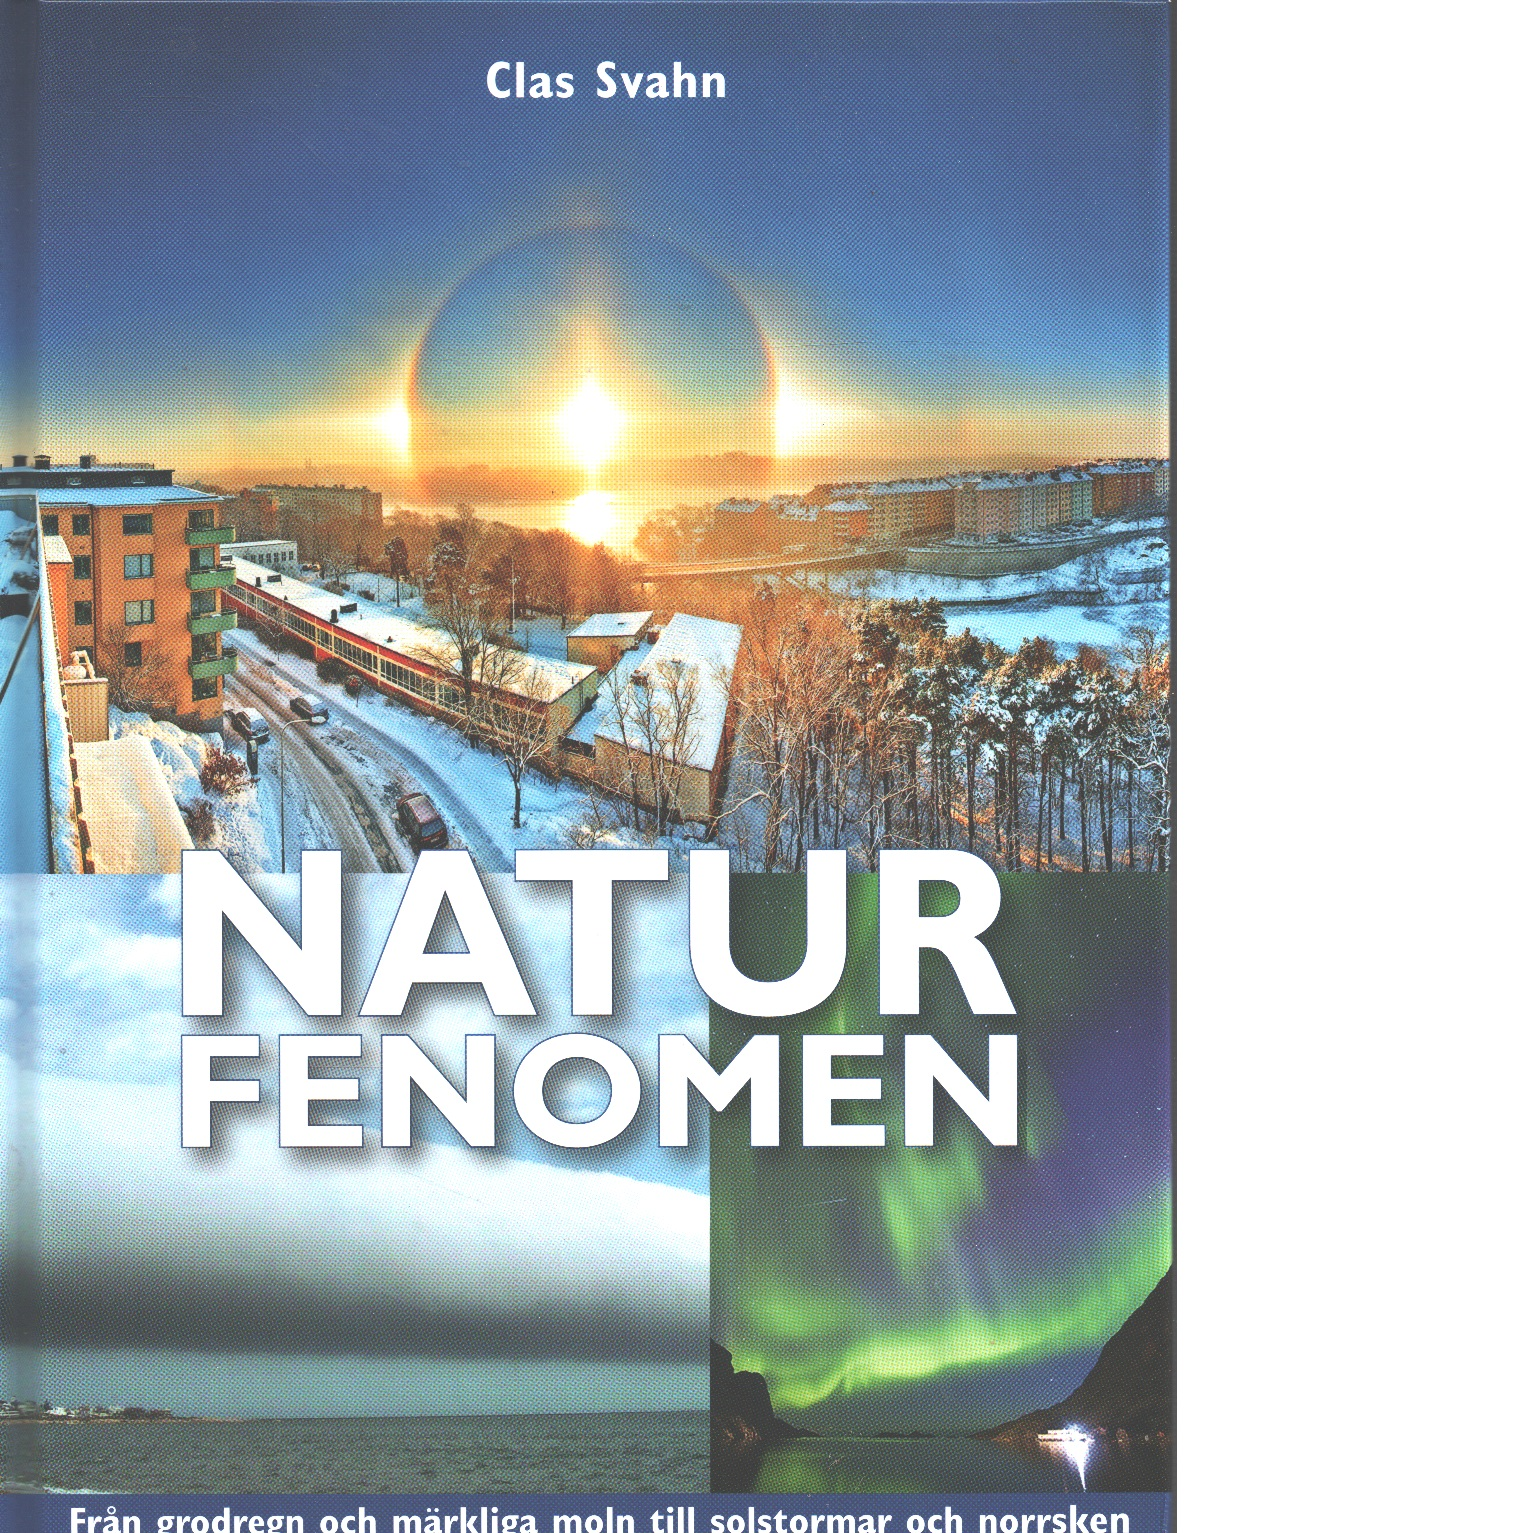 Naturfenomen : [från grodregn och märkliga moln till solstormar och norrsken] - Svahn, Clas